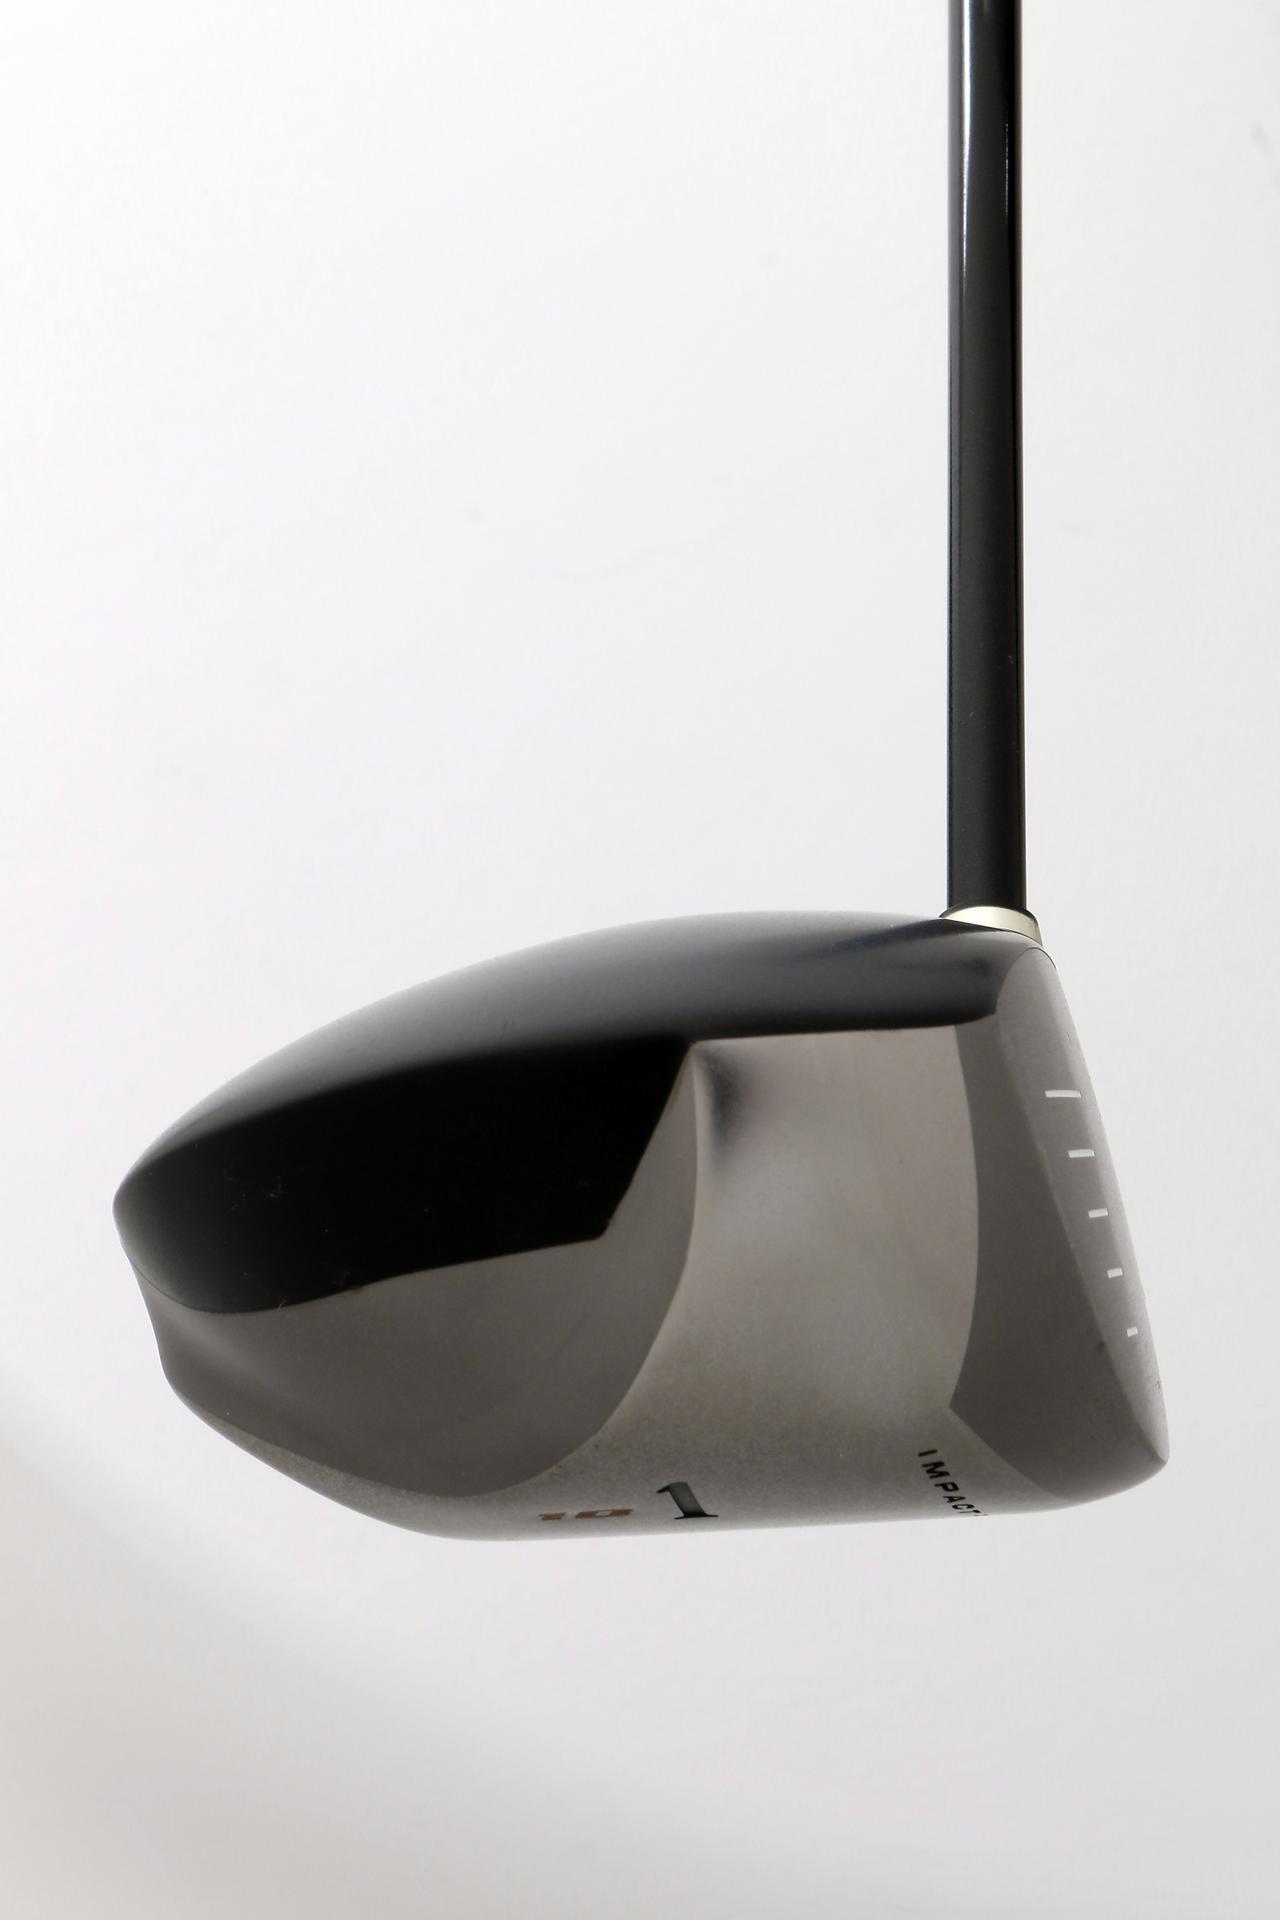 画像4: 4代目XXIO 「オールニューゼクシオ」 2006年発売/ヘッド体積432cc/45インチ ●適合と高反発の2モデルが出た ●適合モデルは3ピース、高反発モデルは2ピースヘッド SLEルールを控えて、適合品と高反発モデルが分かれる。